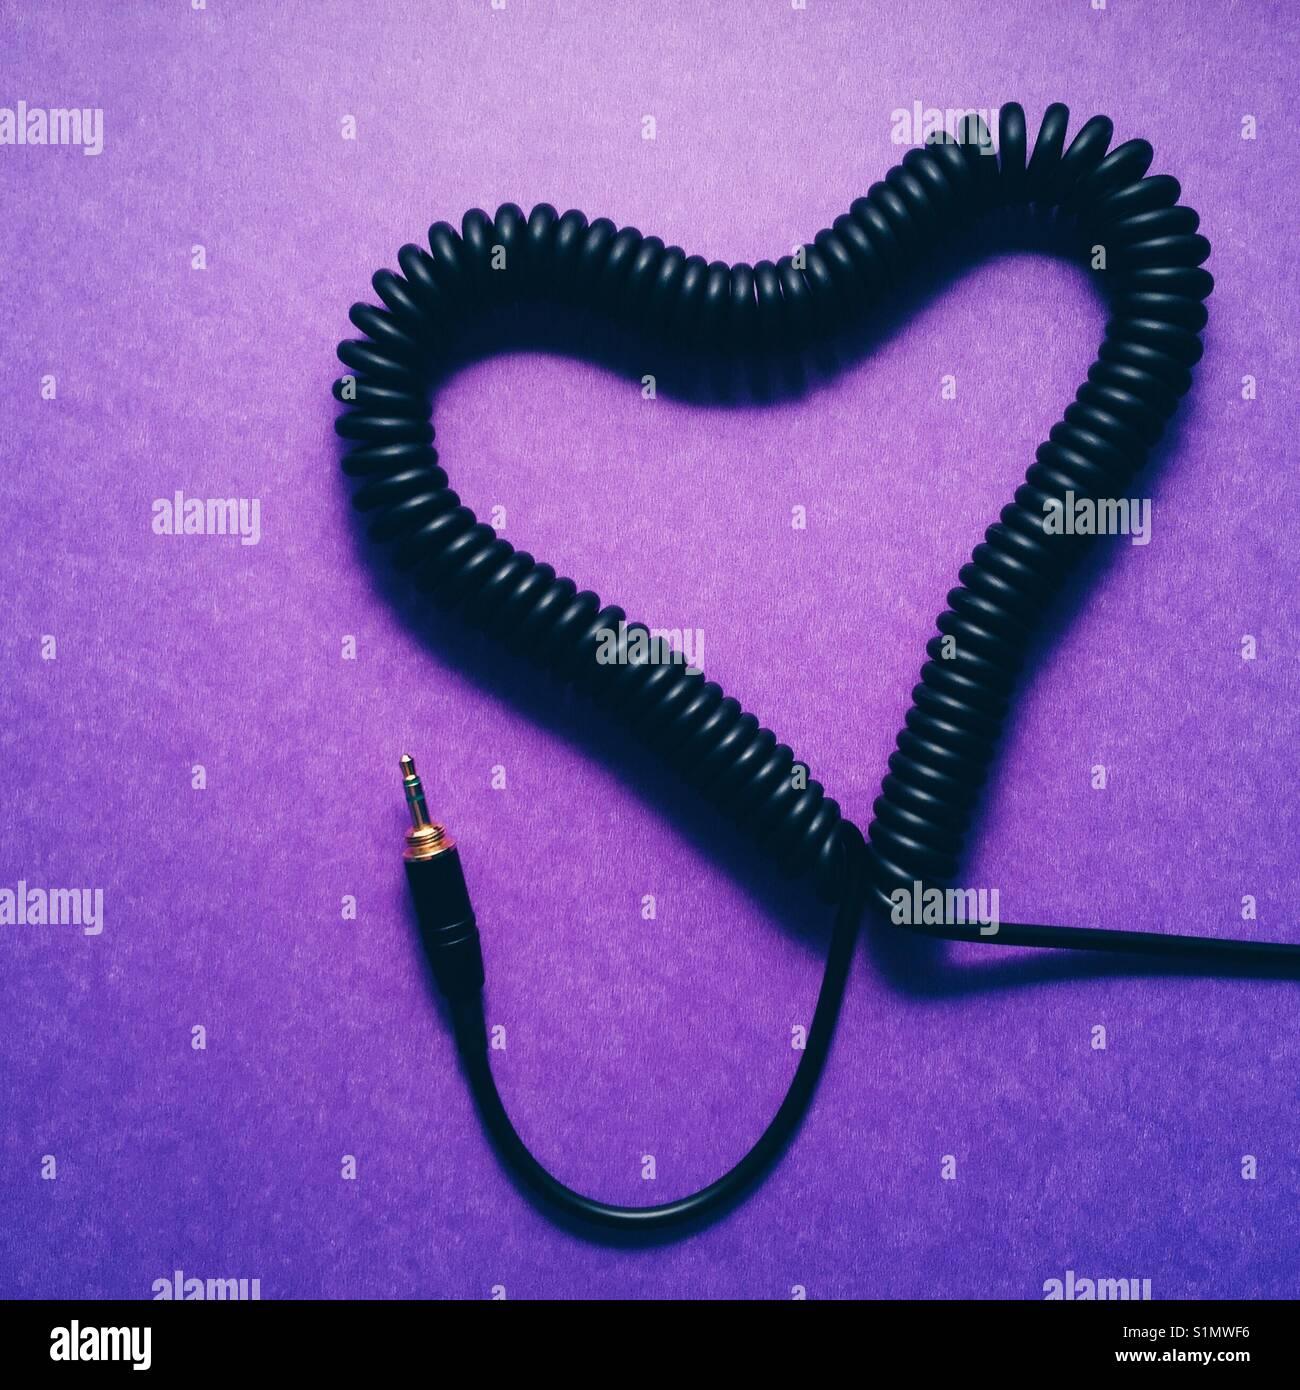 Una spirale cavo cuffia realizzata in una forma di cuore su uno sfondo viola Immagini Stock